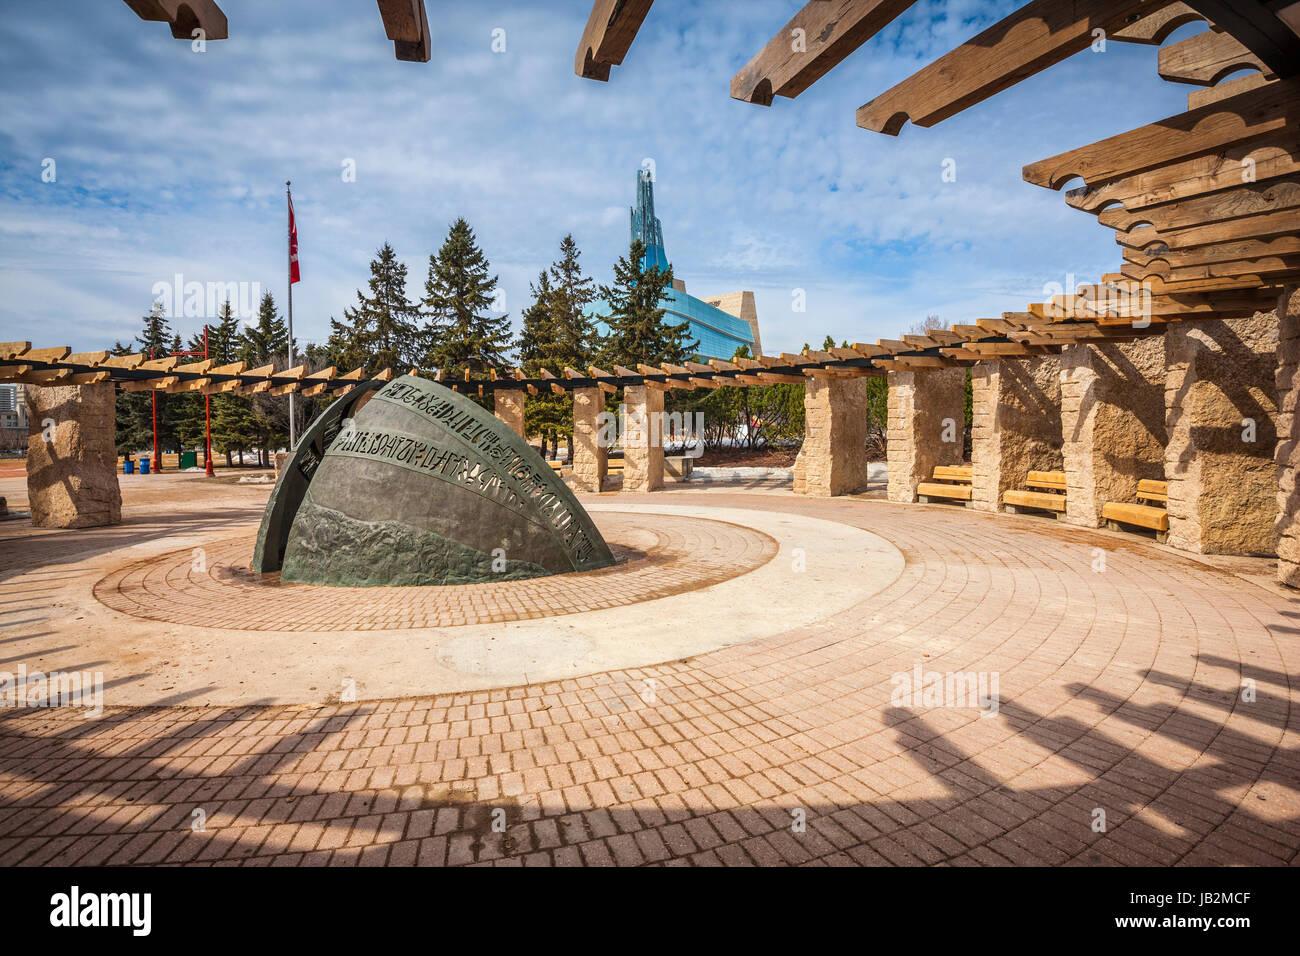 El Camino del tiempo la escultura, la orientación del círculo, las horquillas National Historic Site en Winnipeg, Manitoba, Canadá. Foto de stock